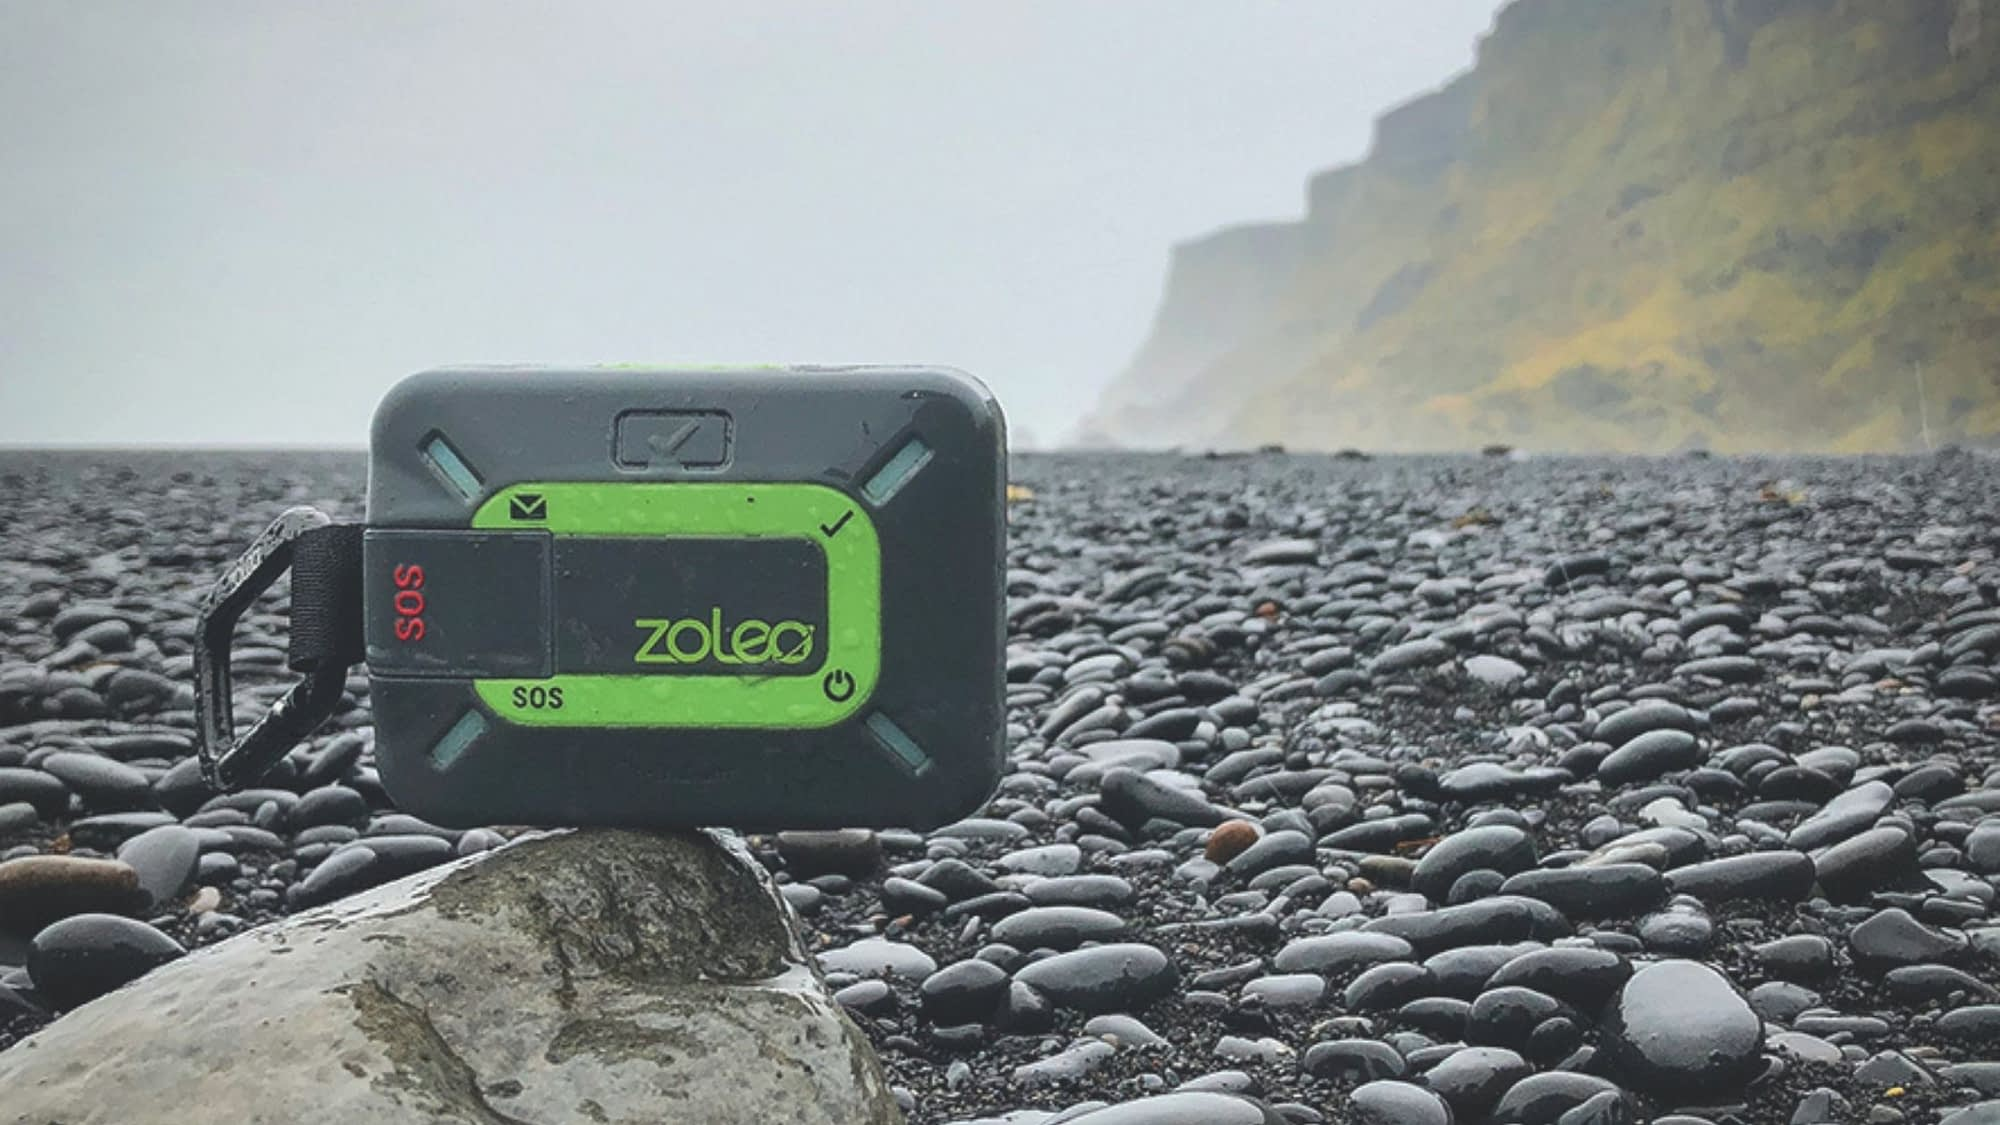 zoleo satellite communicator review